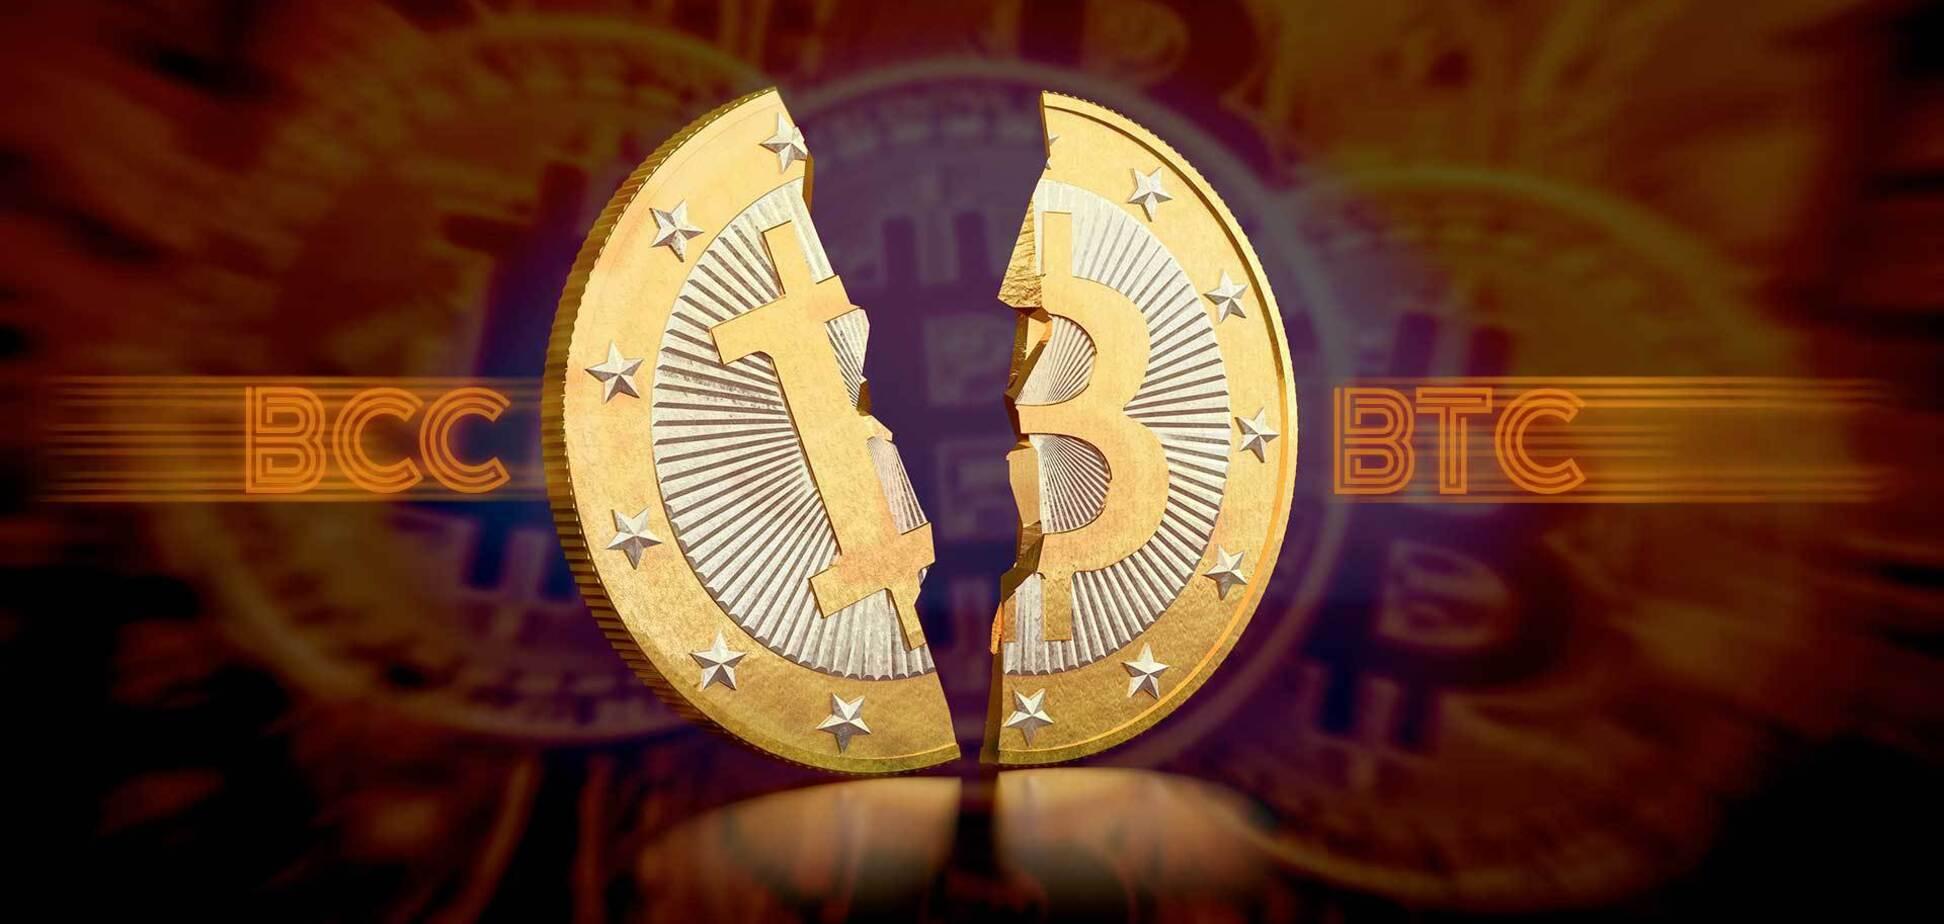 Украине достанется больше всех: обнародован тревожный прогноз по краху биткоина